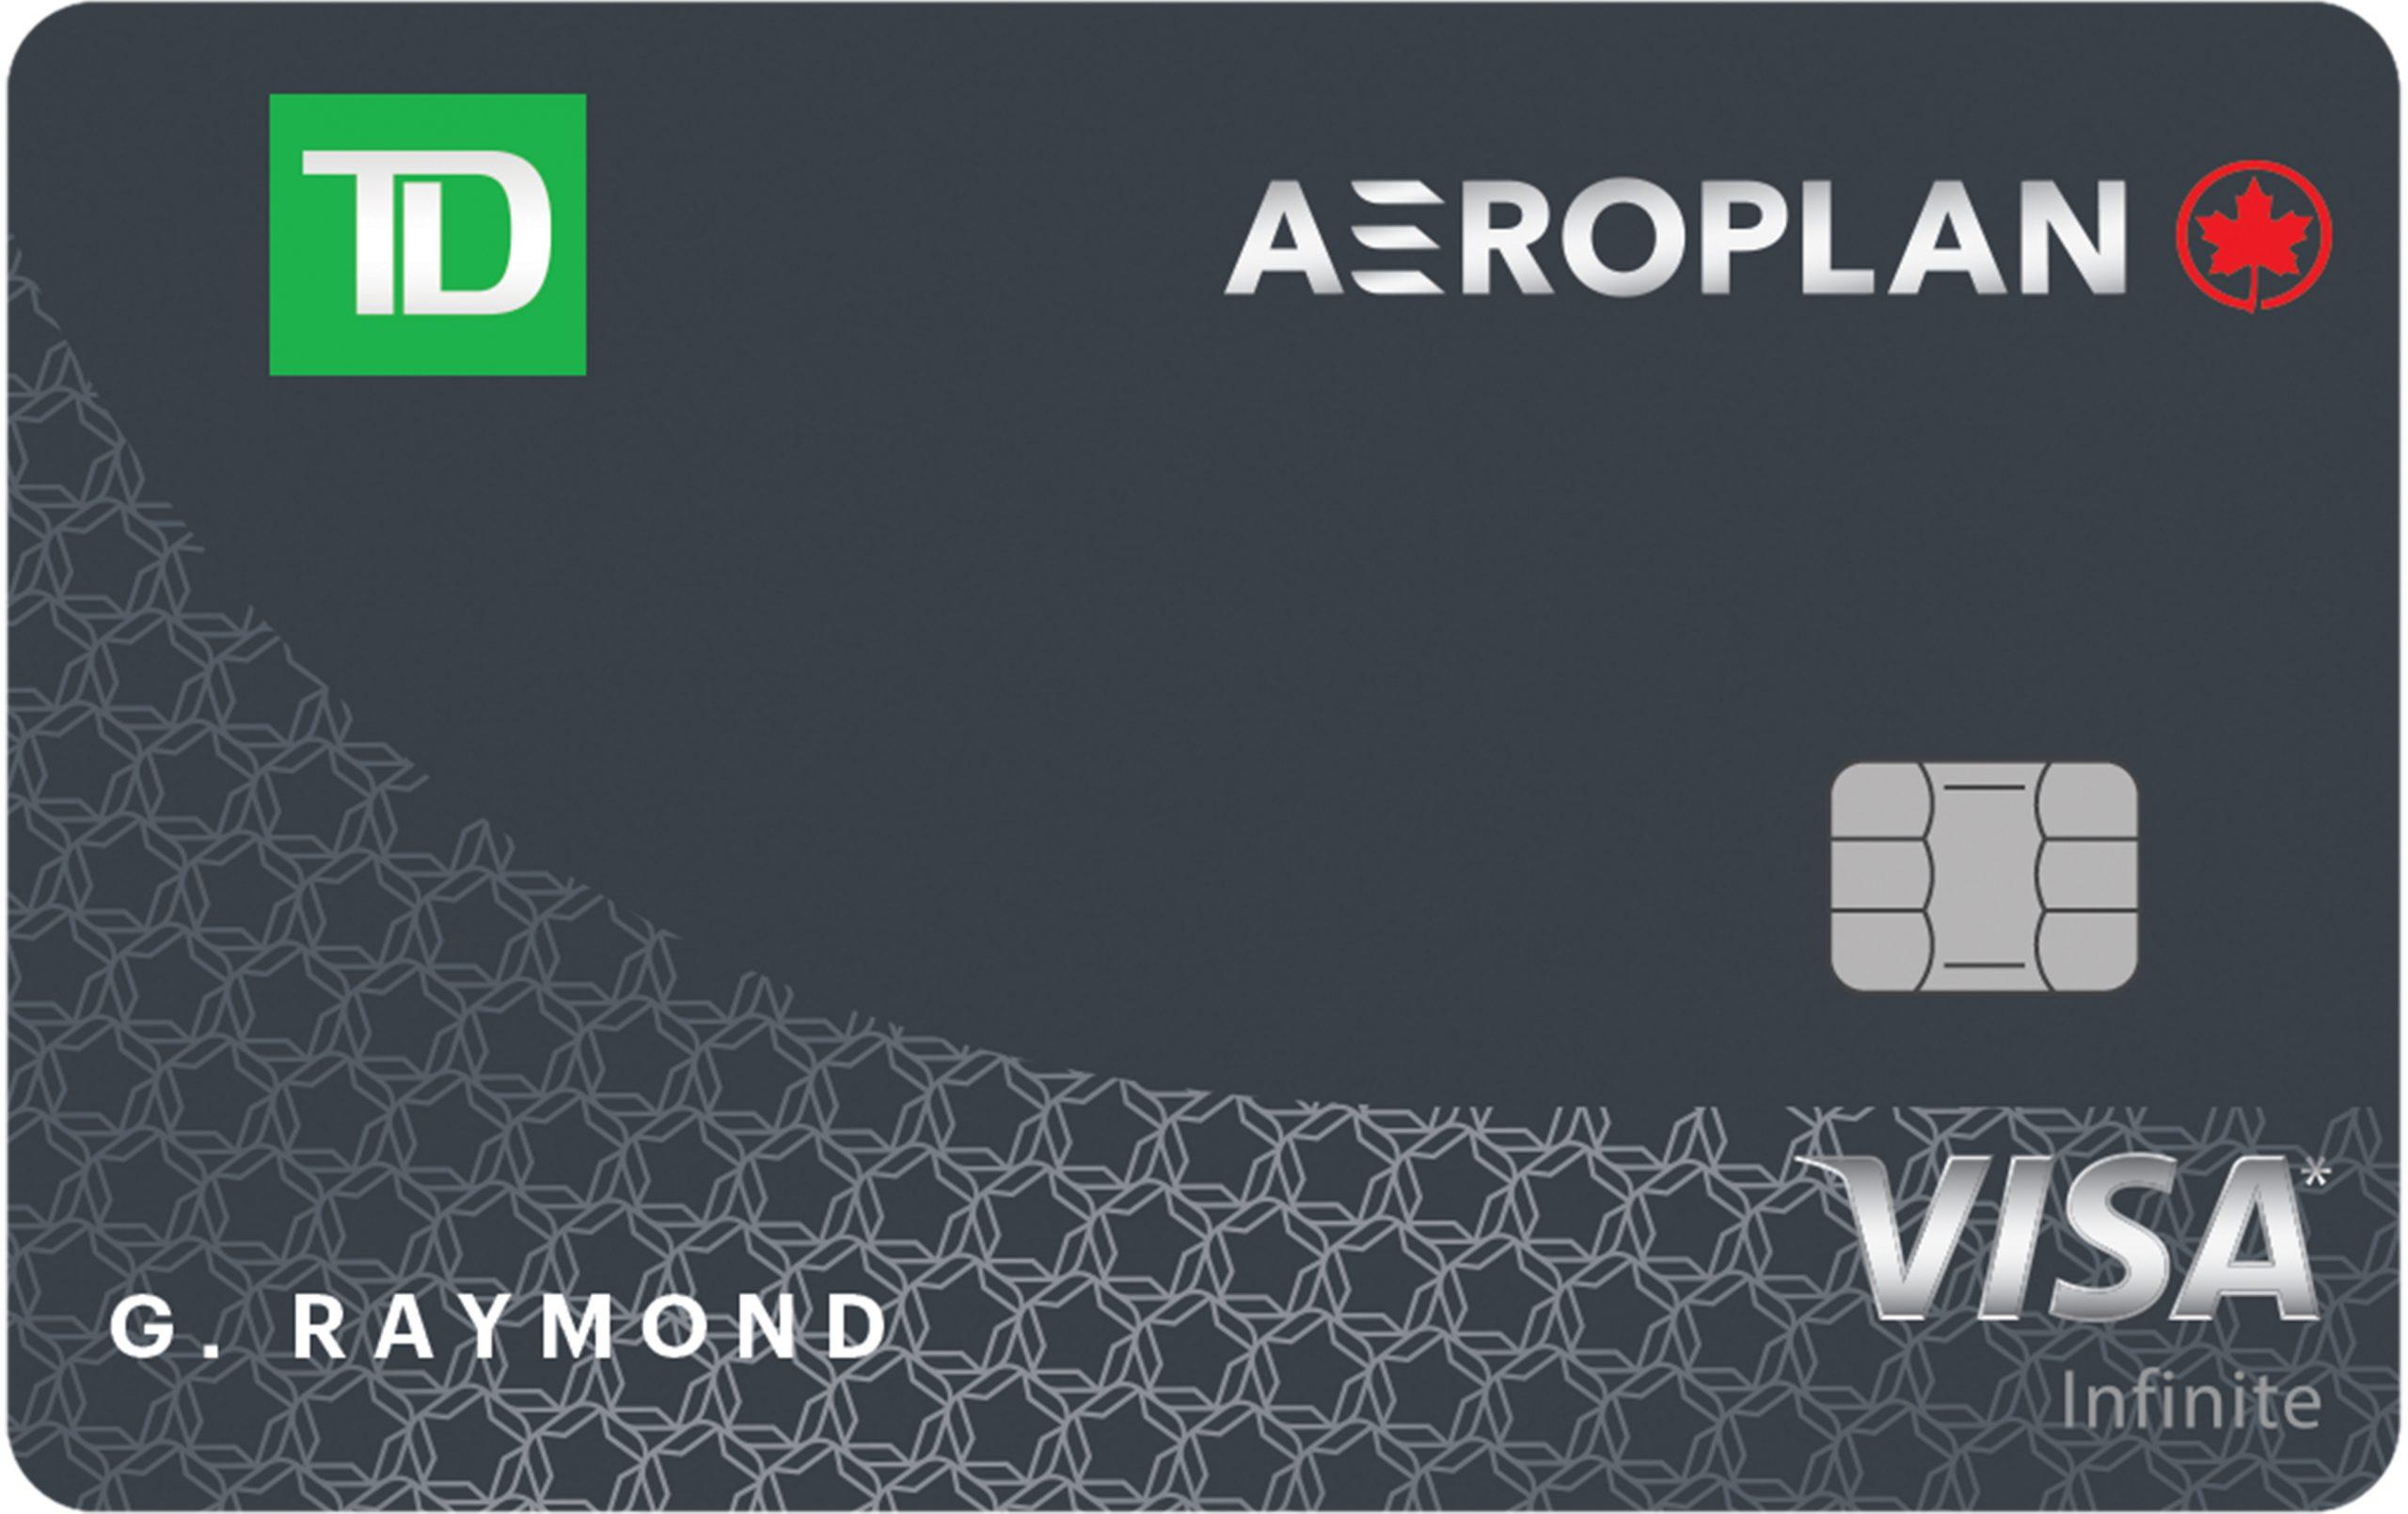 TD® Aeroplan® Visa Infinite*